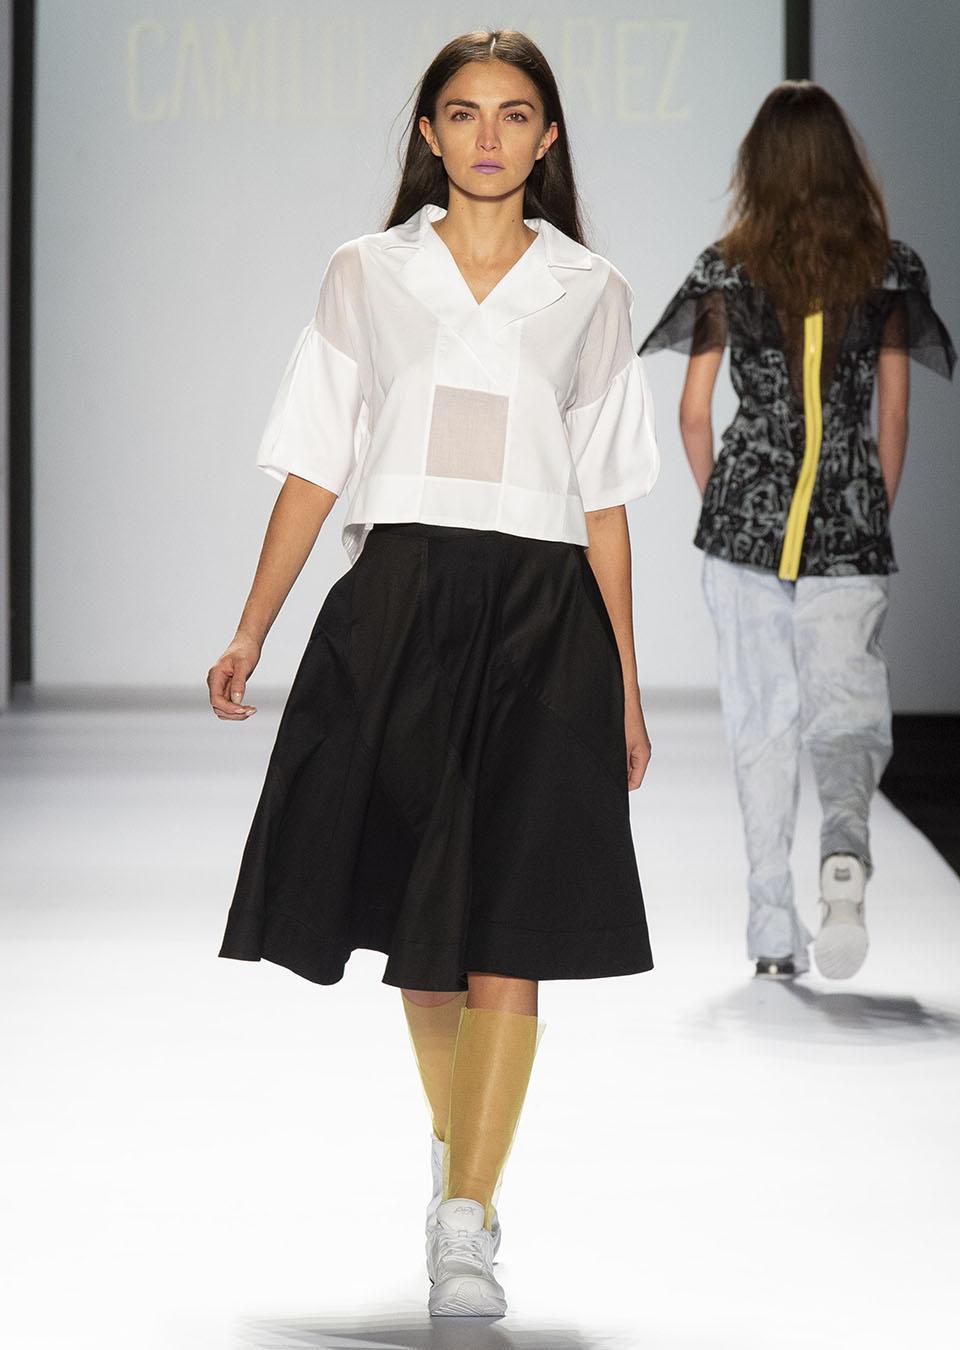 mariana rodriguez (7)